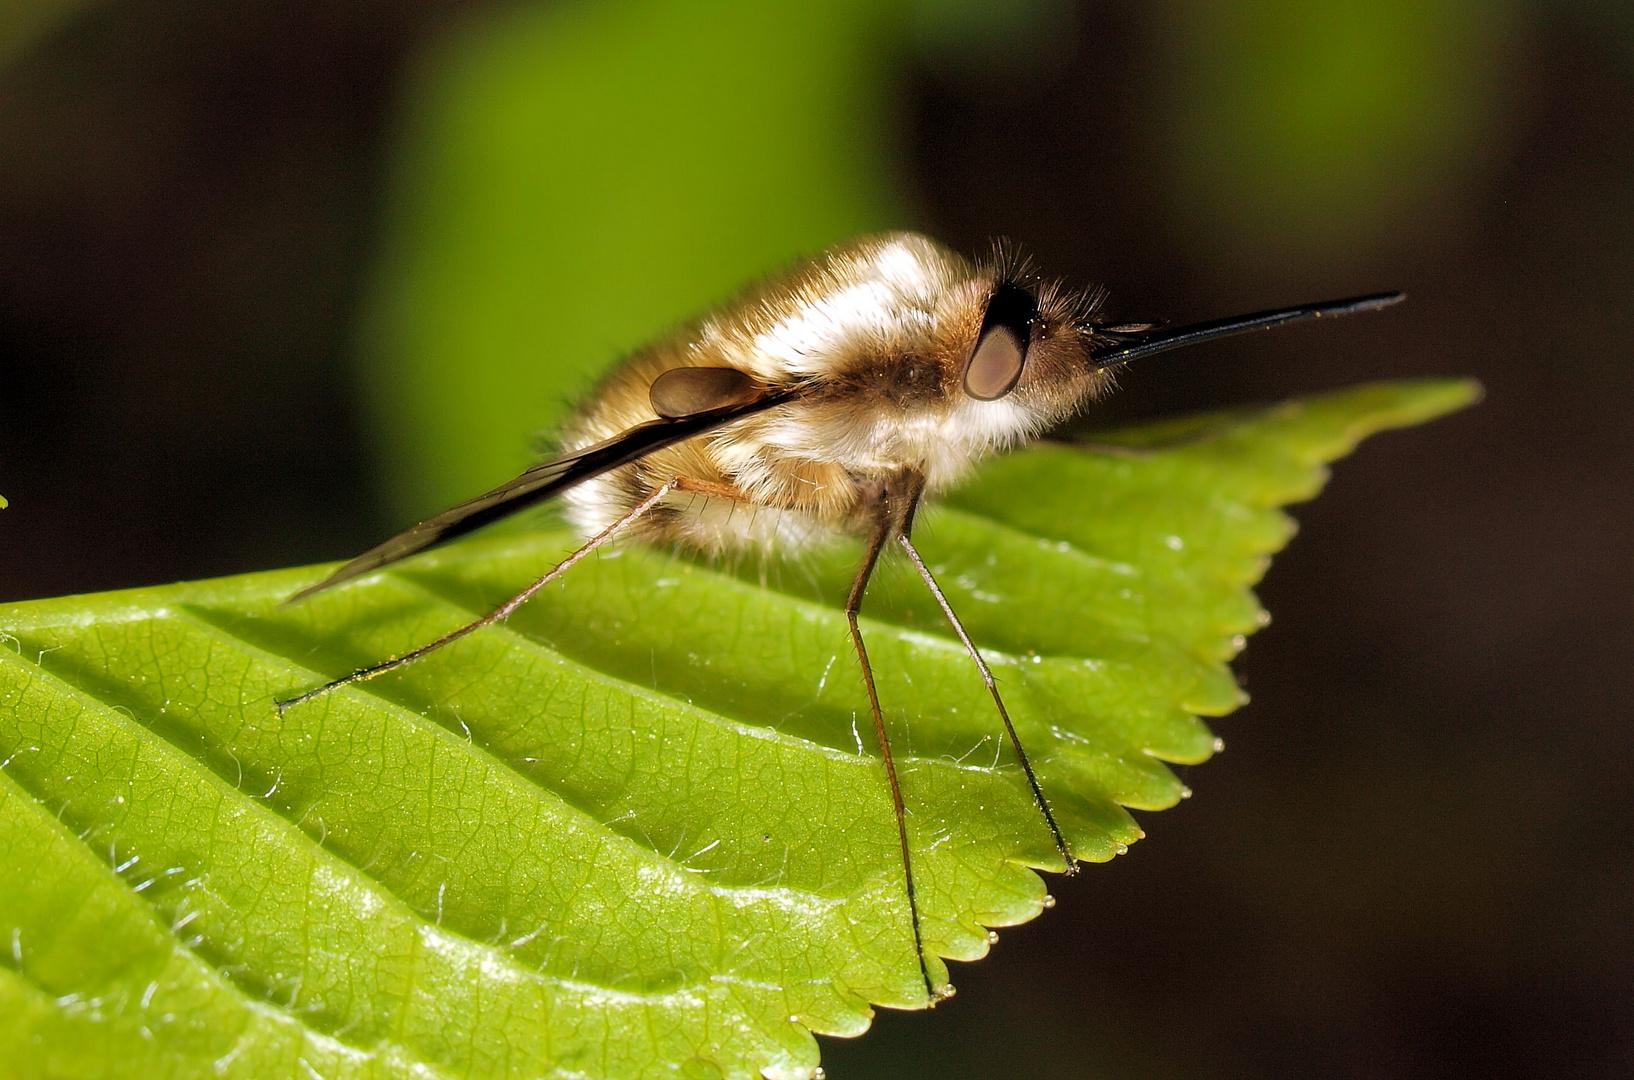 Kaum zu glauben das das eine Fliege ist....